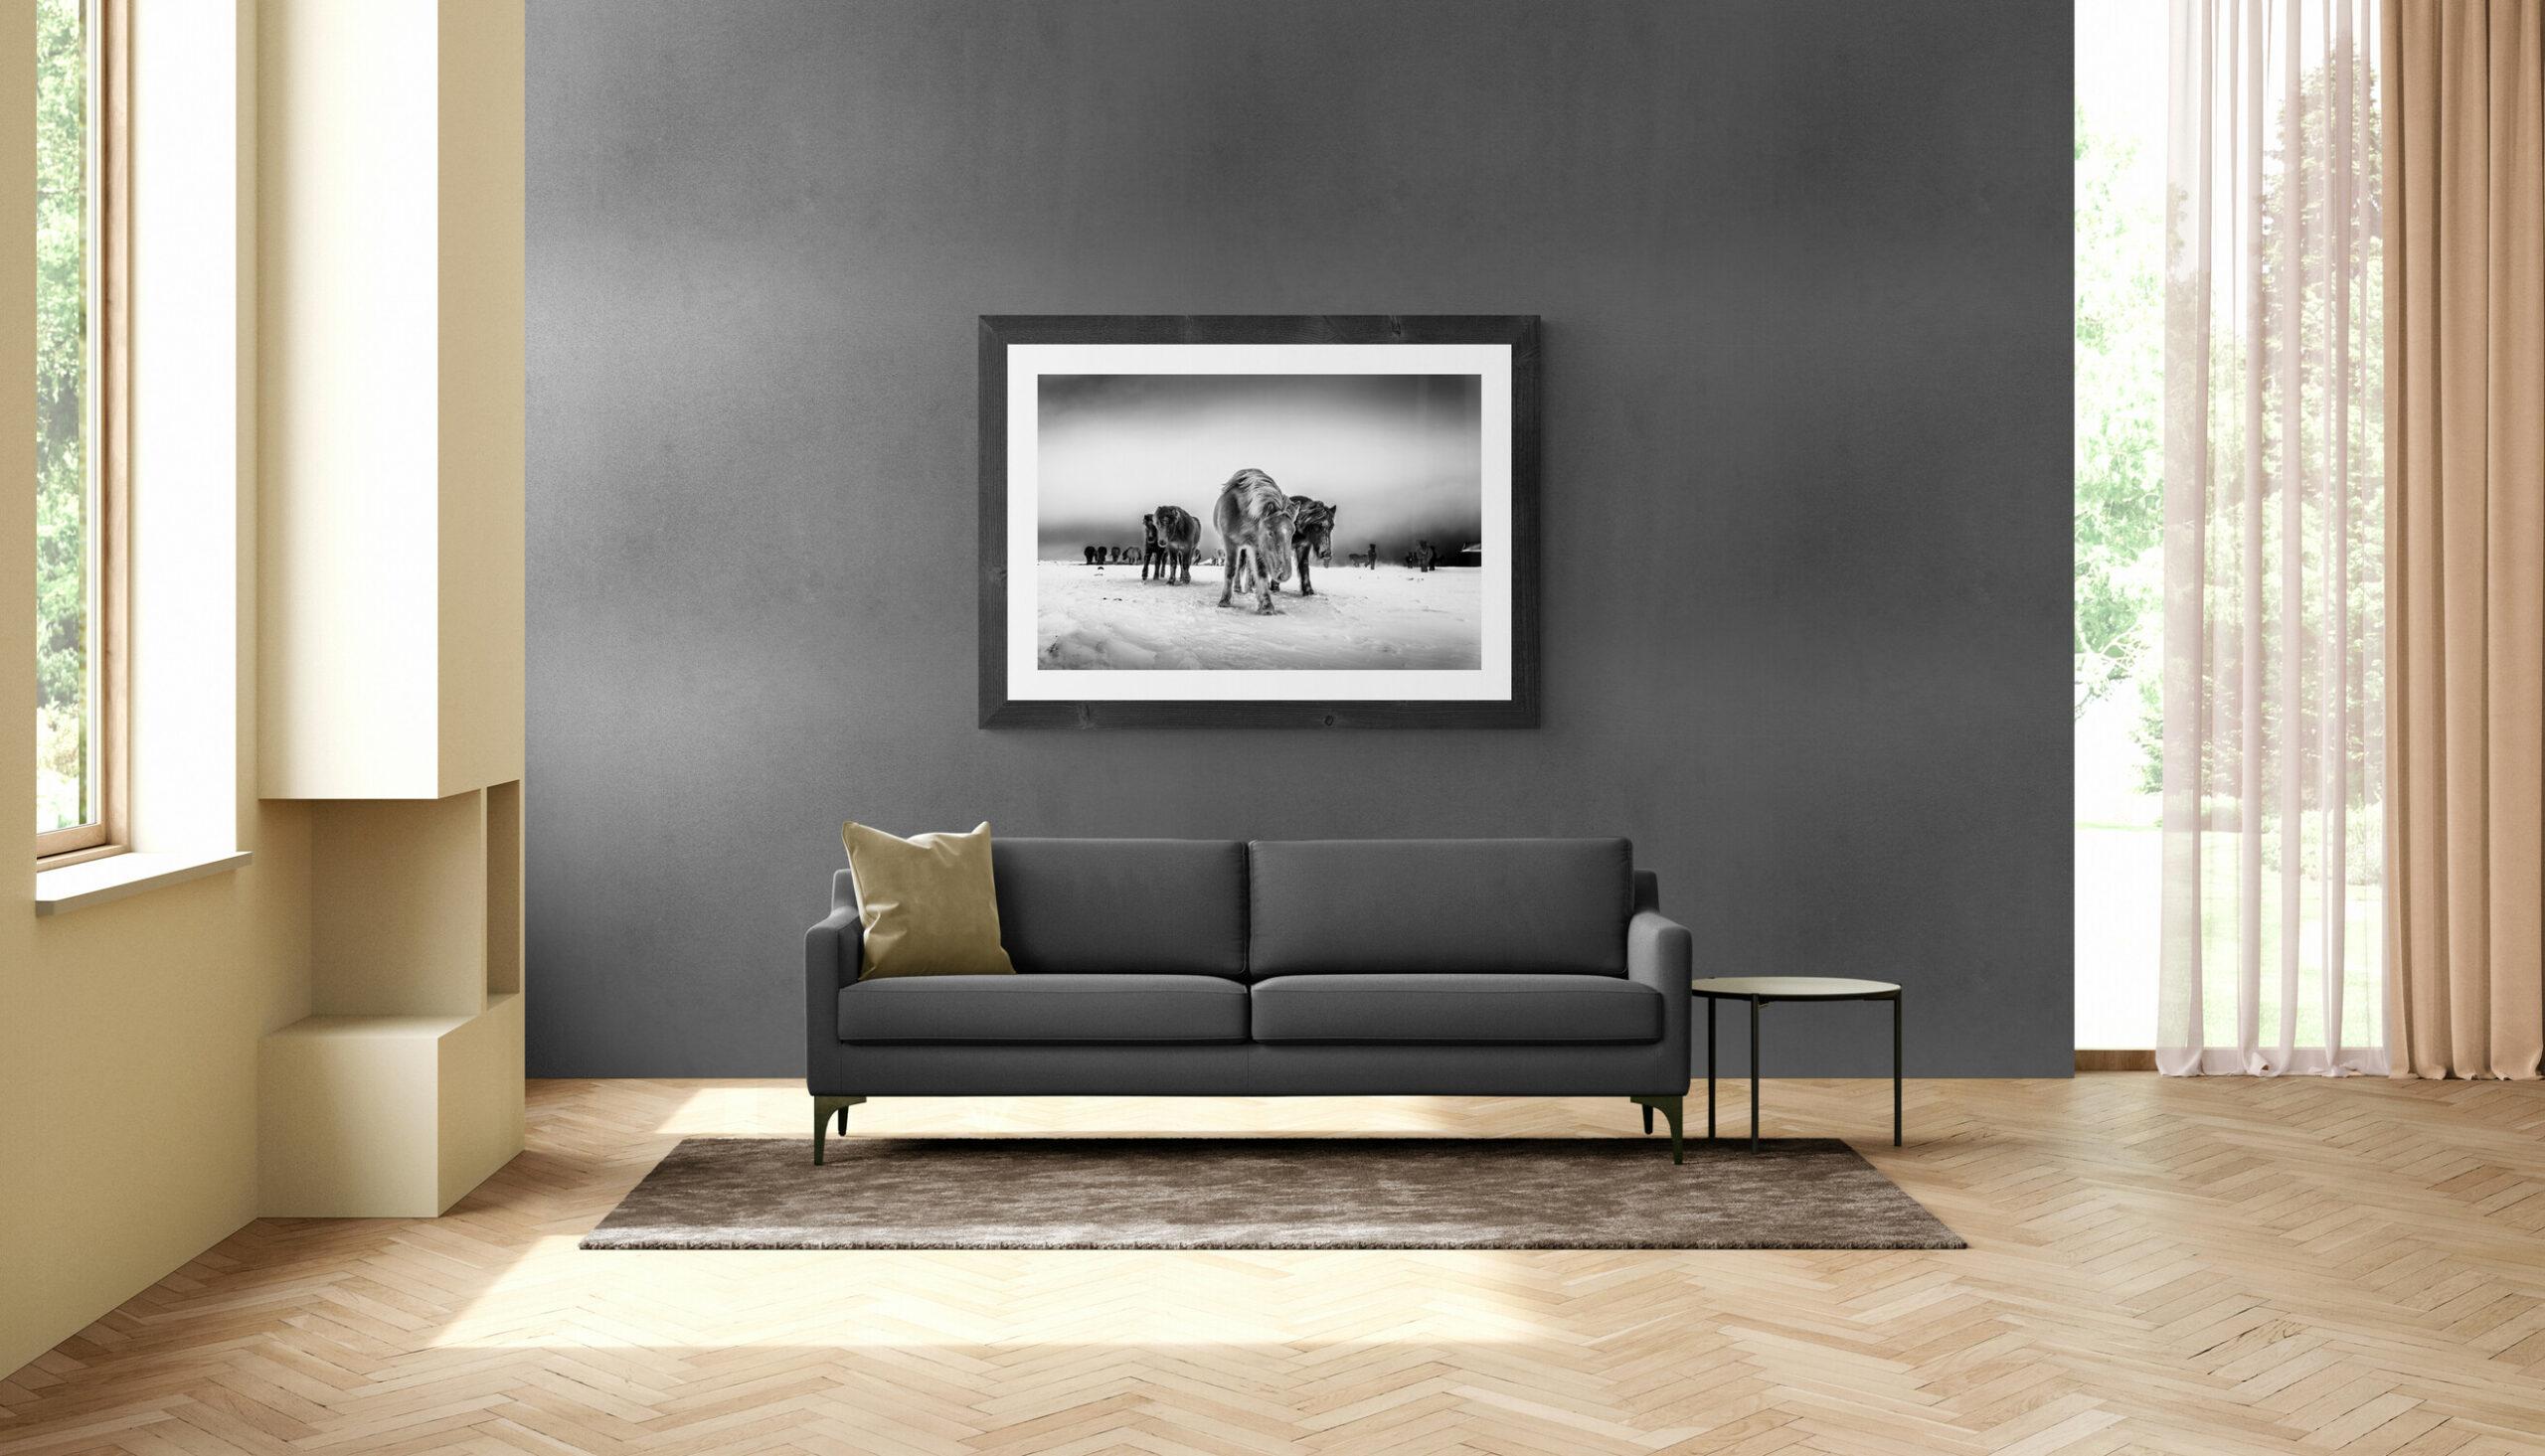 How are You framed image johannesfrankart.com